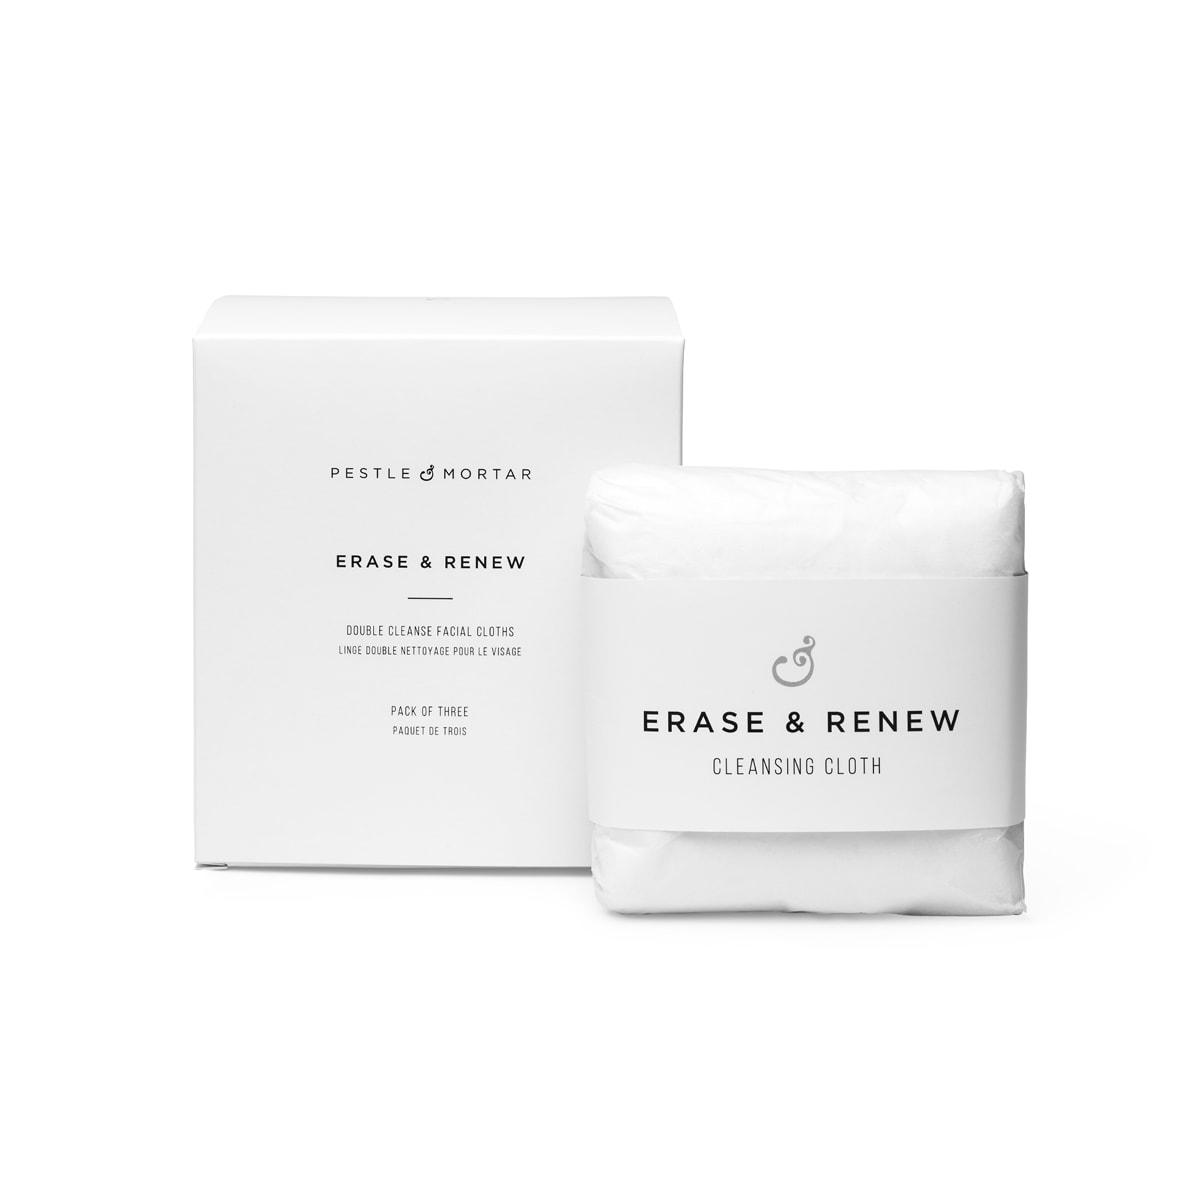 Erase & Renew Cleansing Cloth 3-Pak – Pestle & Mortar Produkter